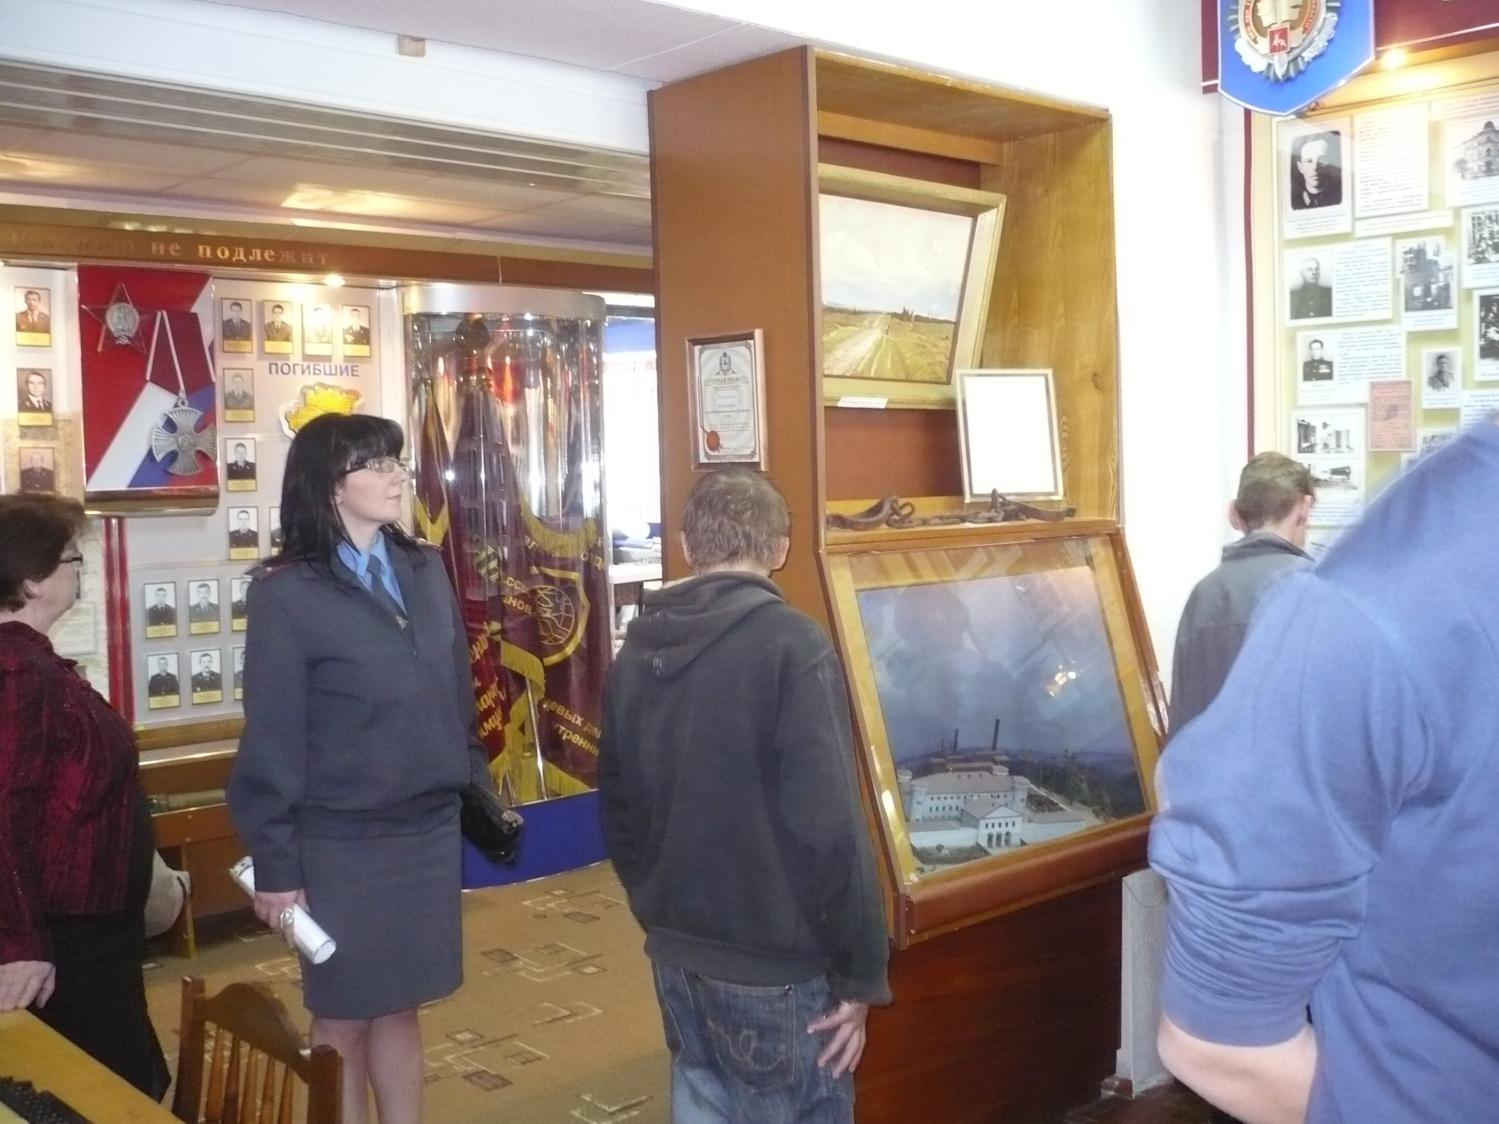 I:\Архив\разное рабочий стол\разное\Т.А\экскурсия в музей ГУВД\P1030059.JPG